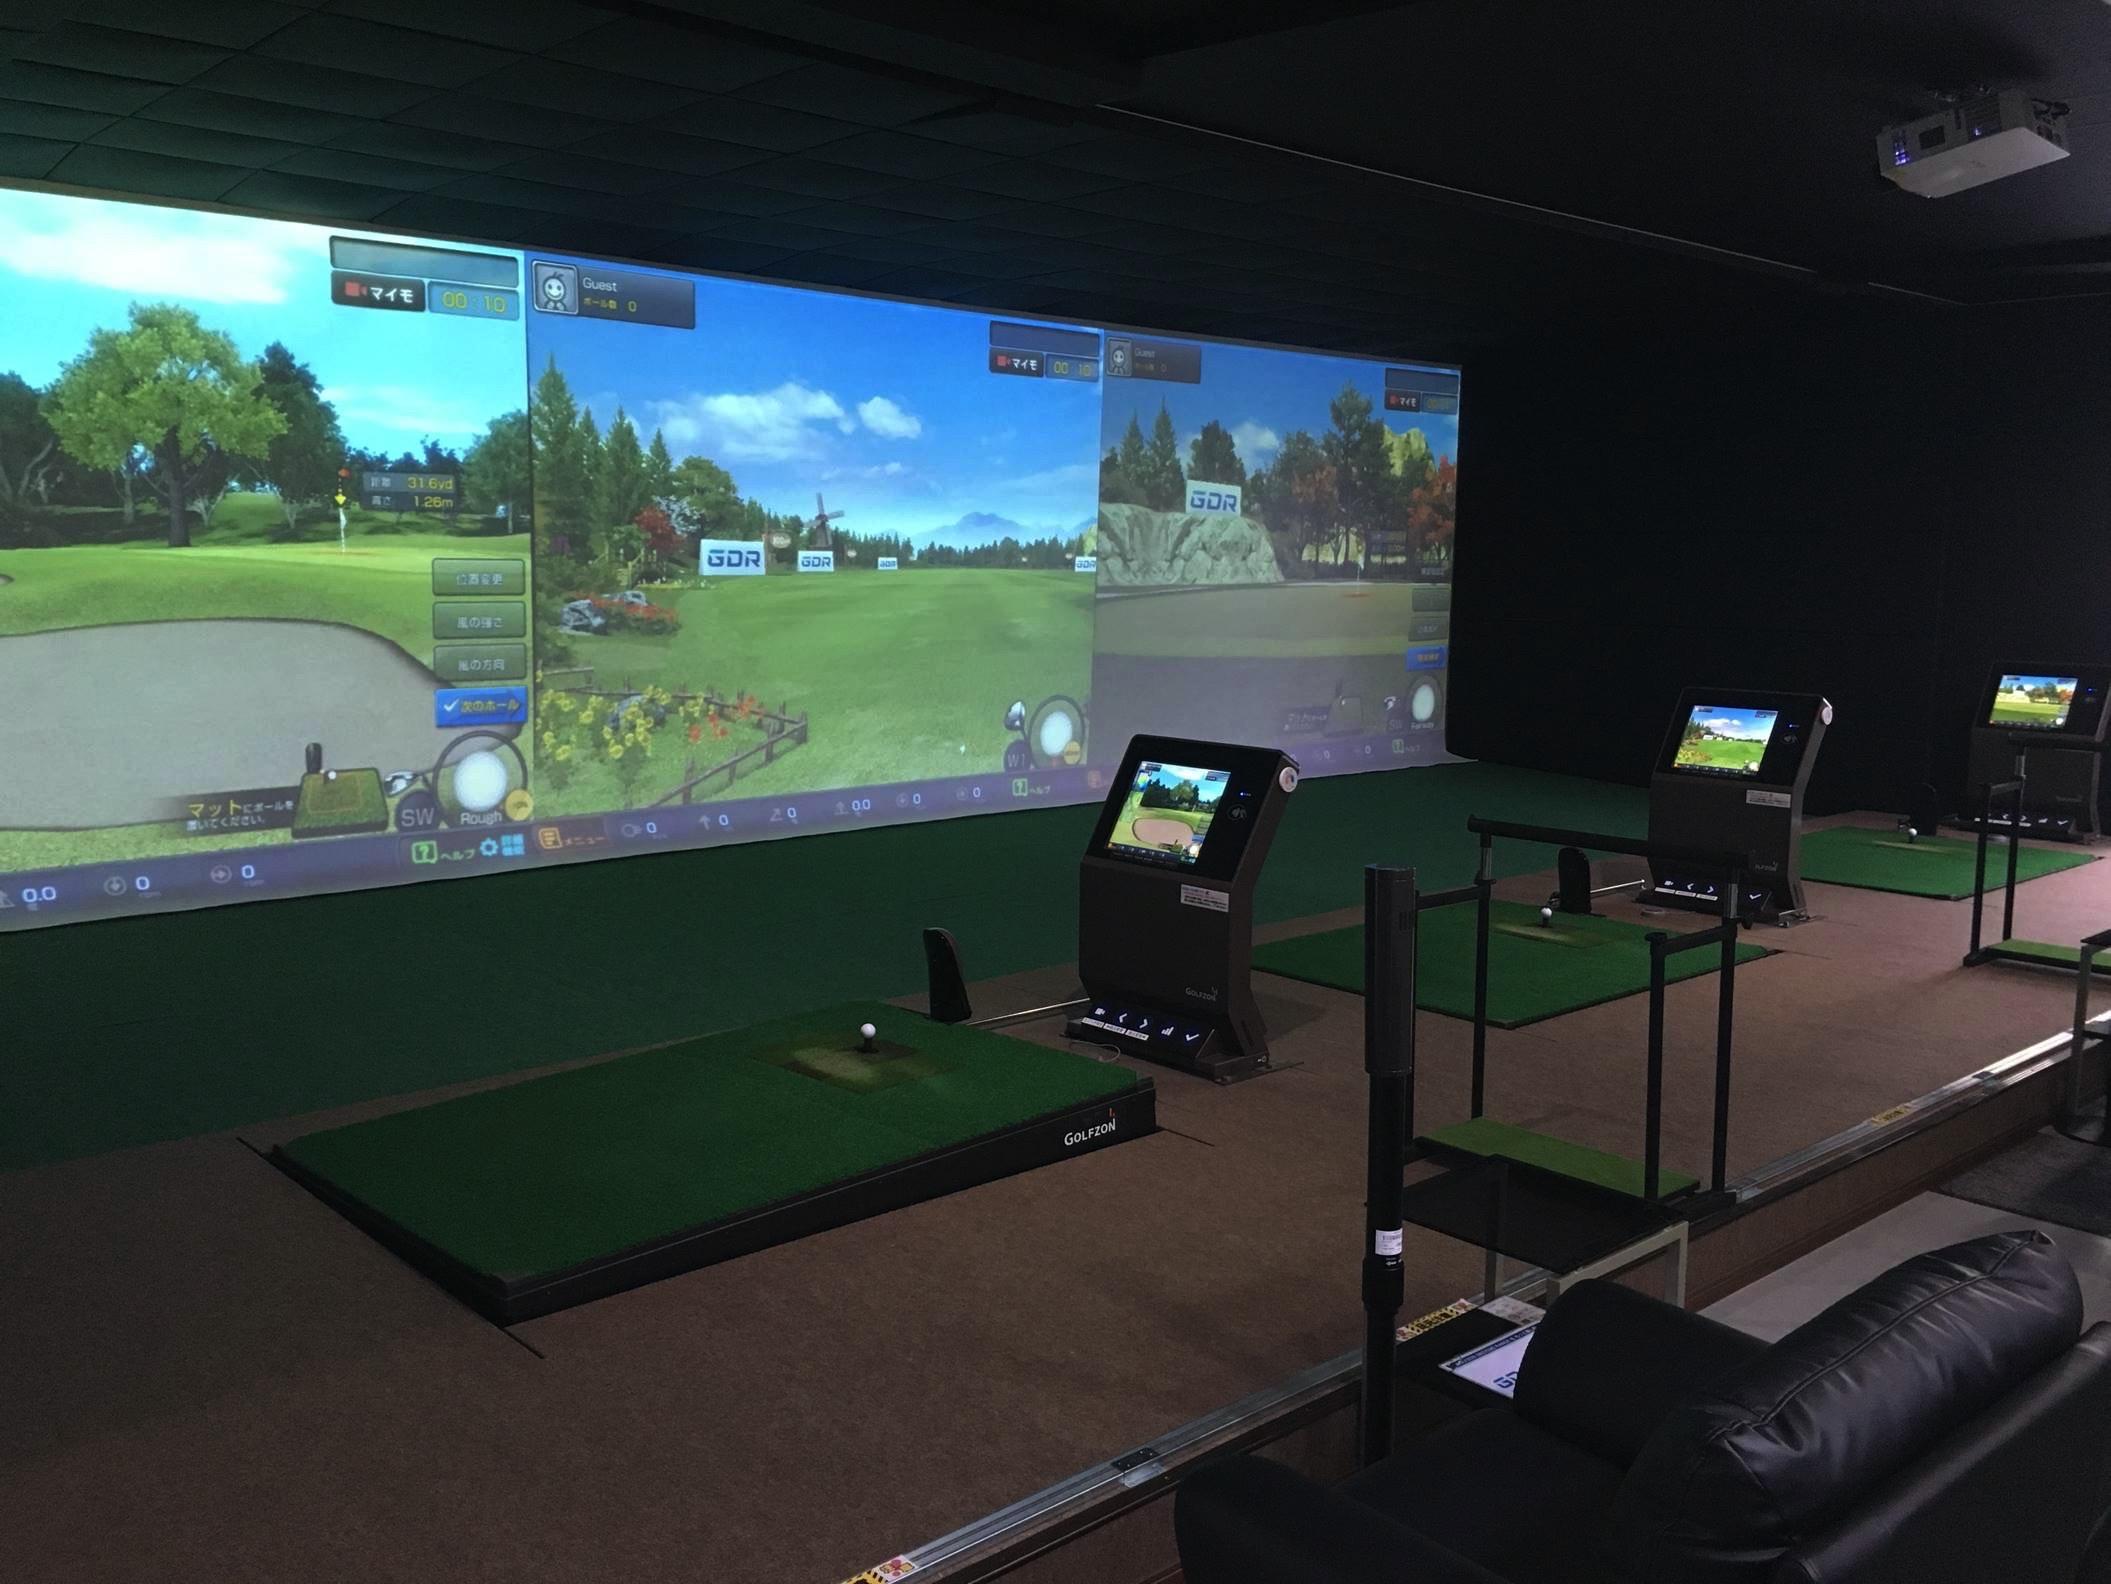 室内ゴルフ練習場 Pit in